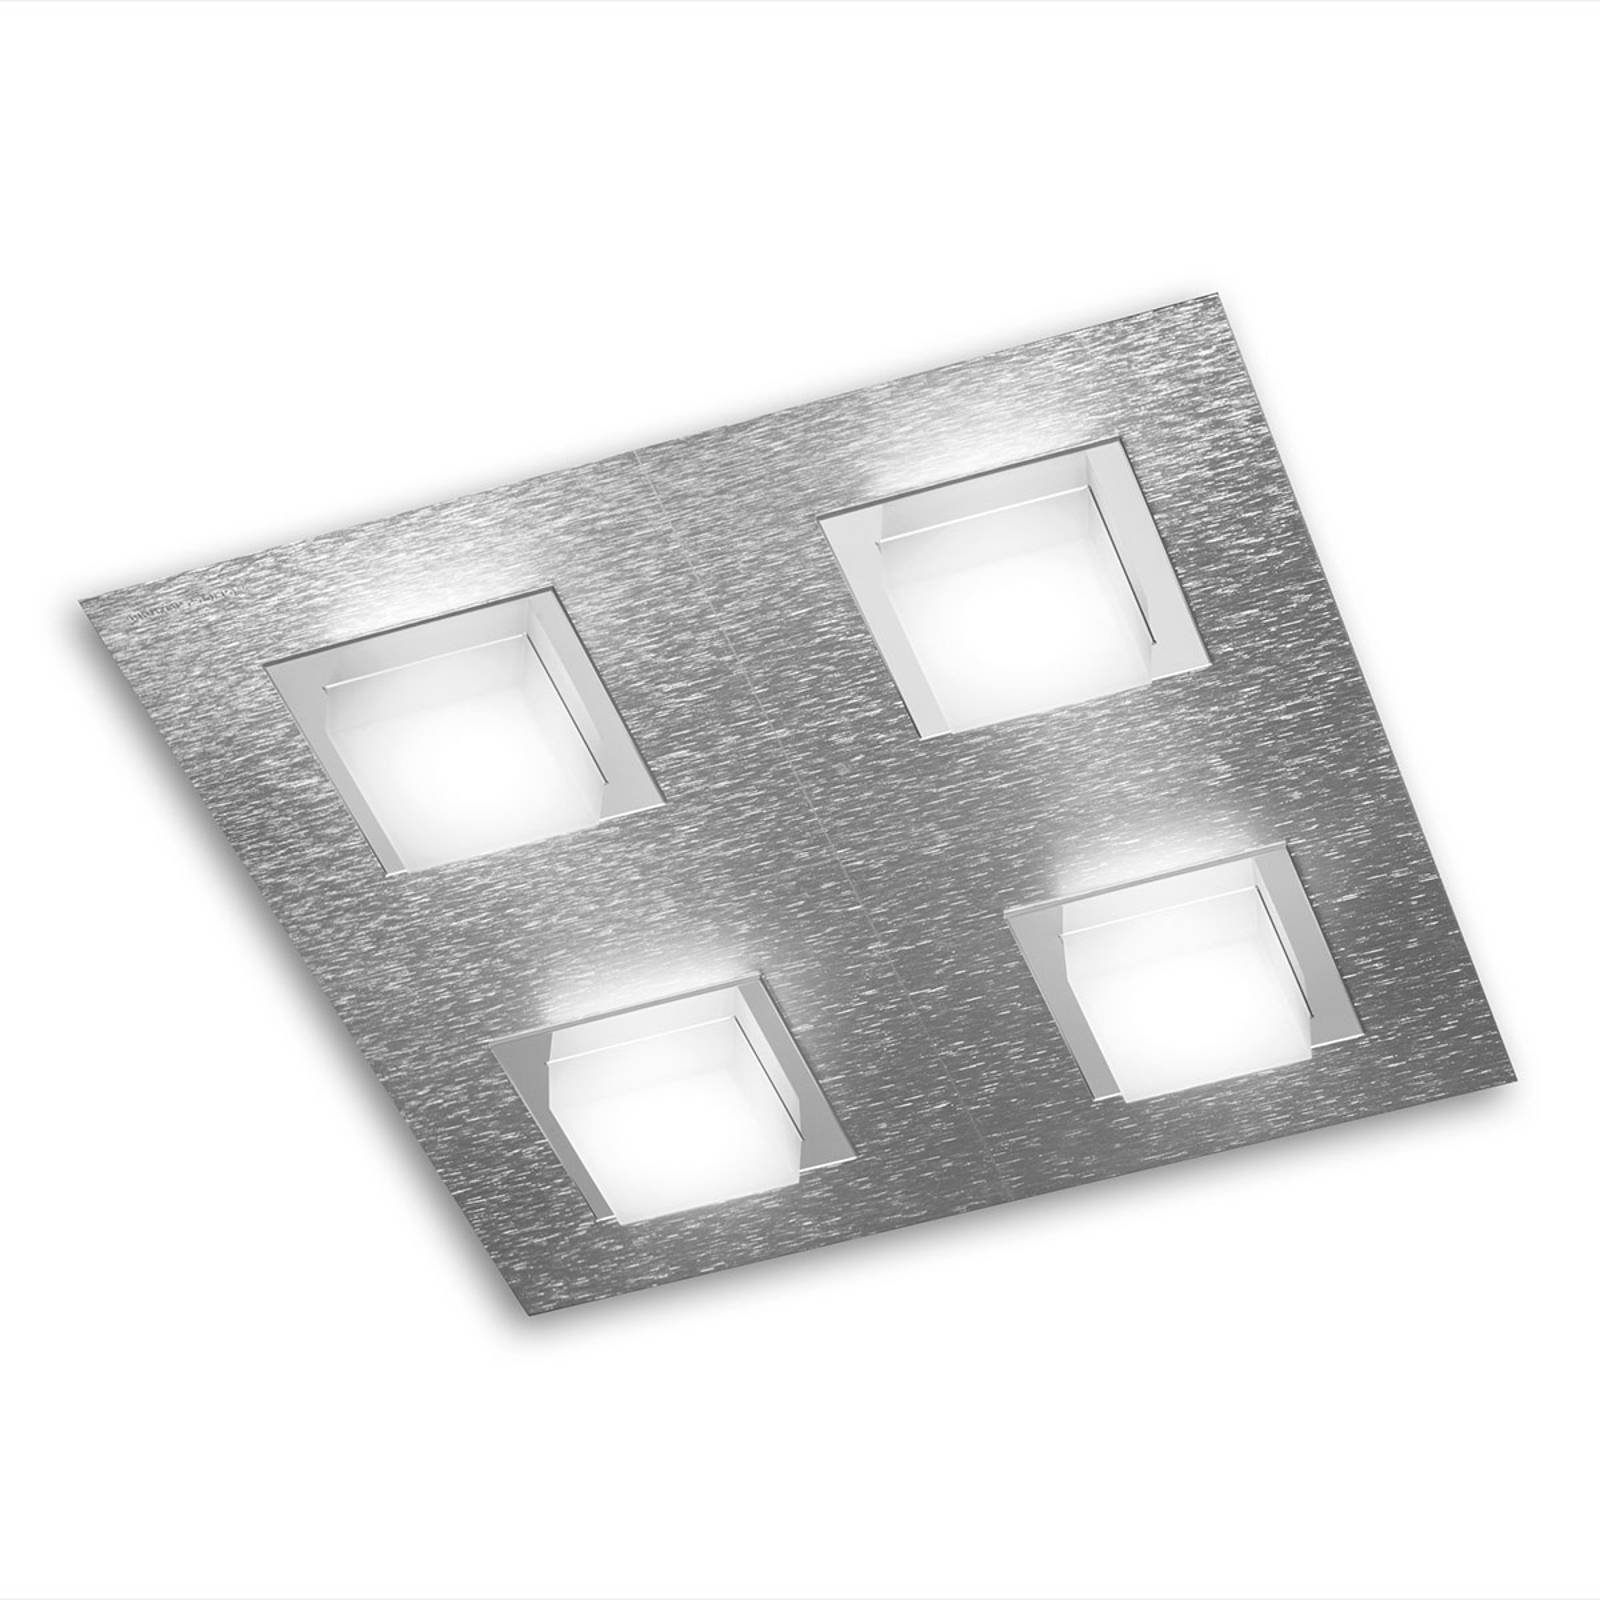 GROSSMANN Basic LED-taklampe 4lk., aluminium